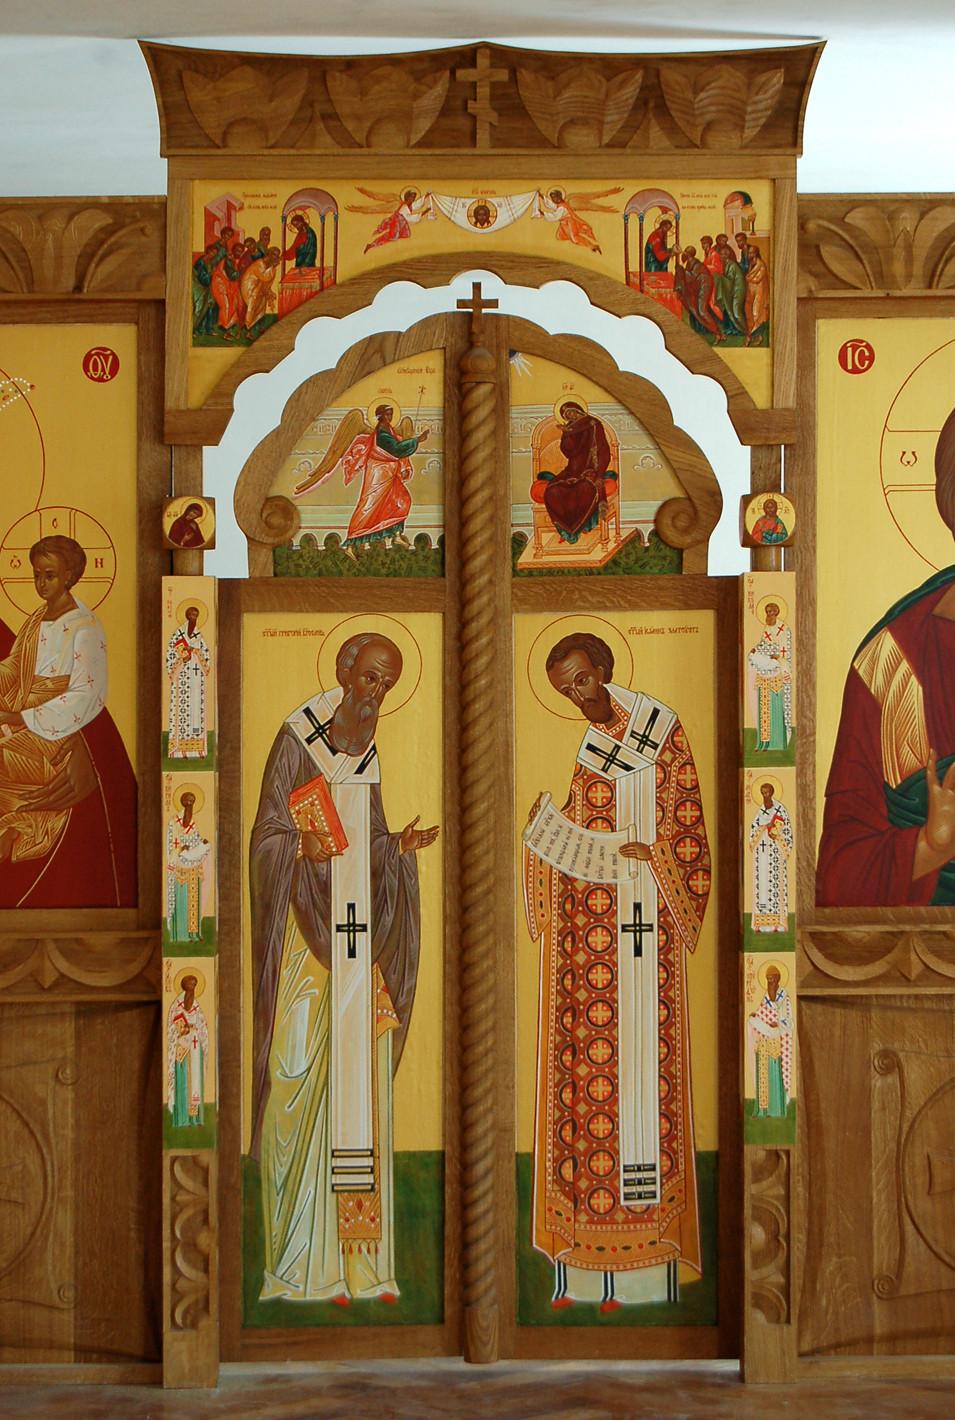 Над царскими вратами водружена икона тайная вечеря